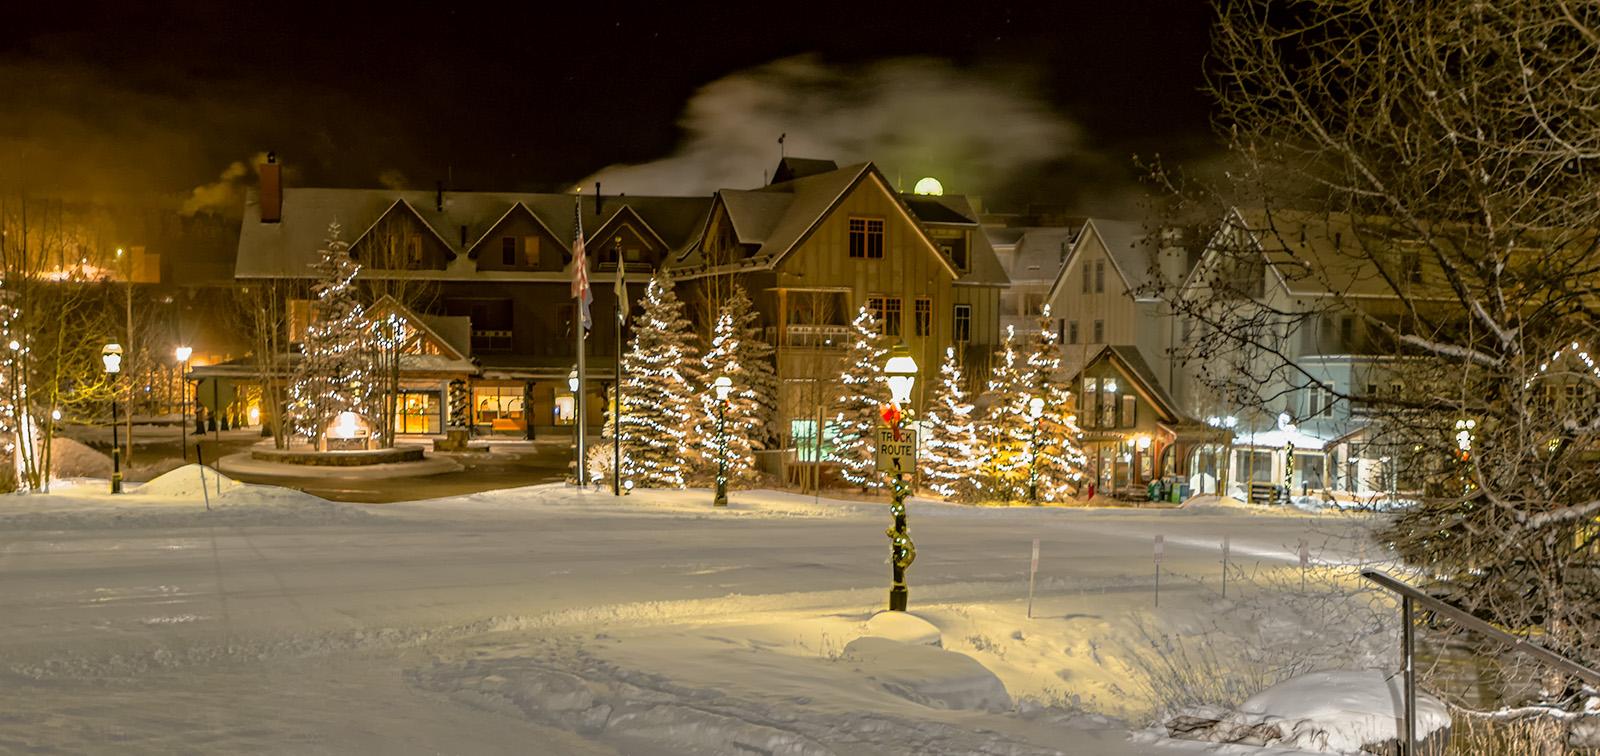 Breckenridge Colorado Downtown Winter